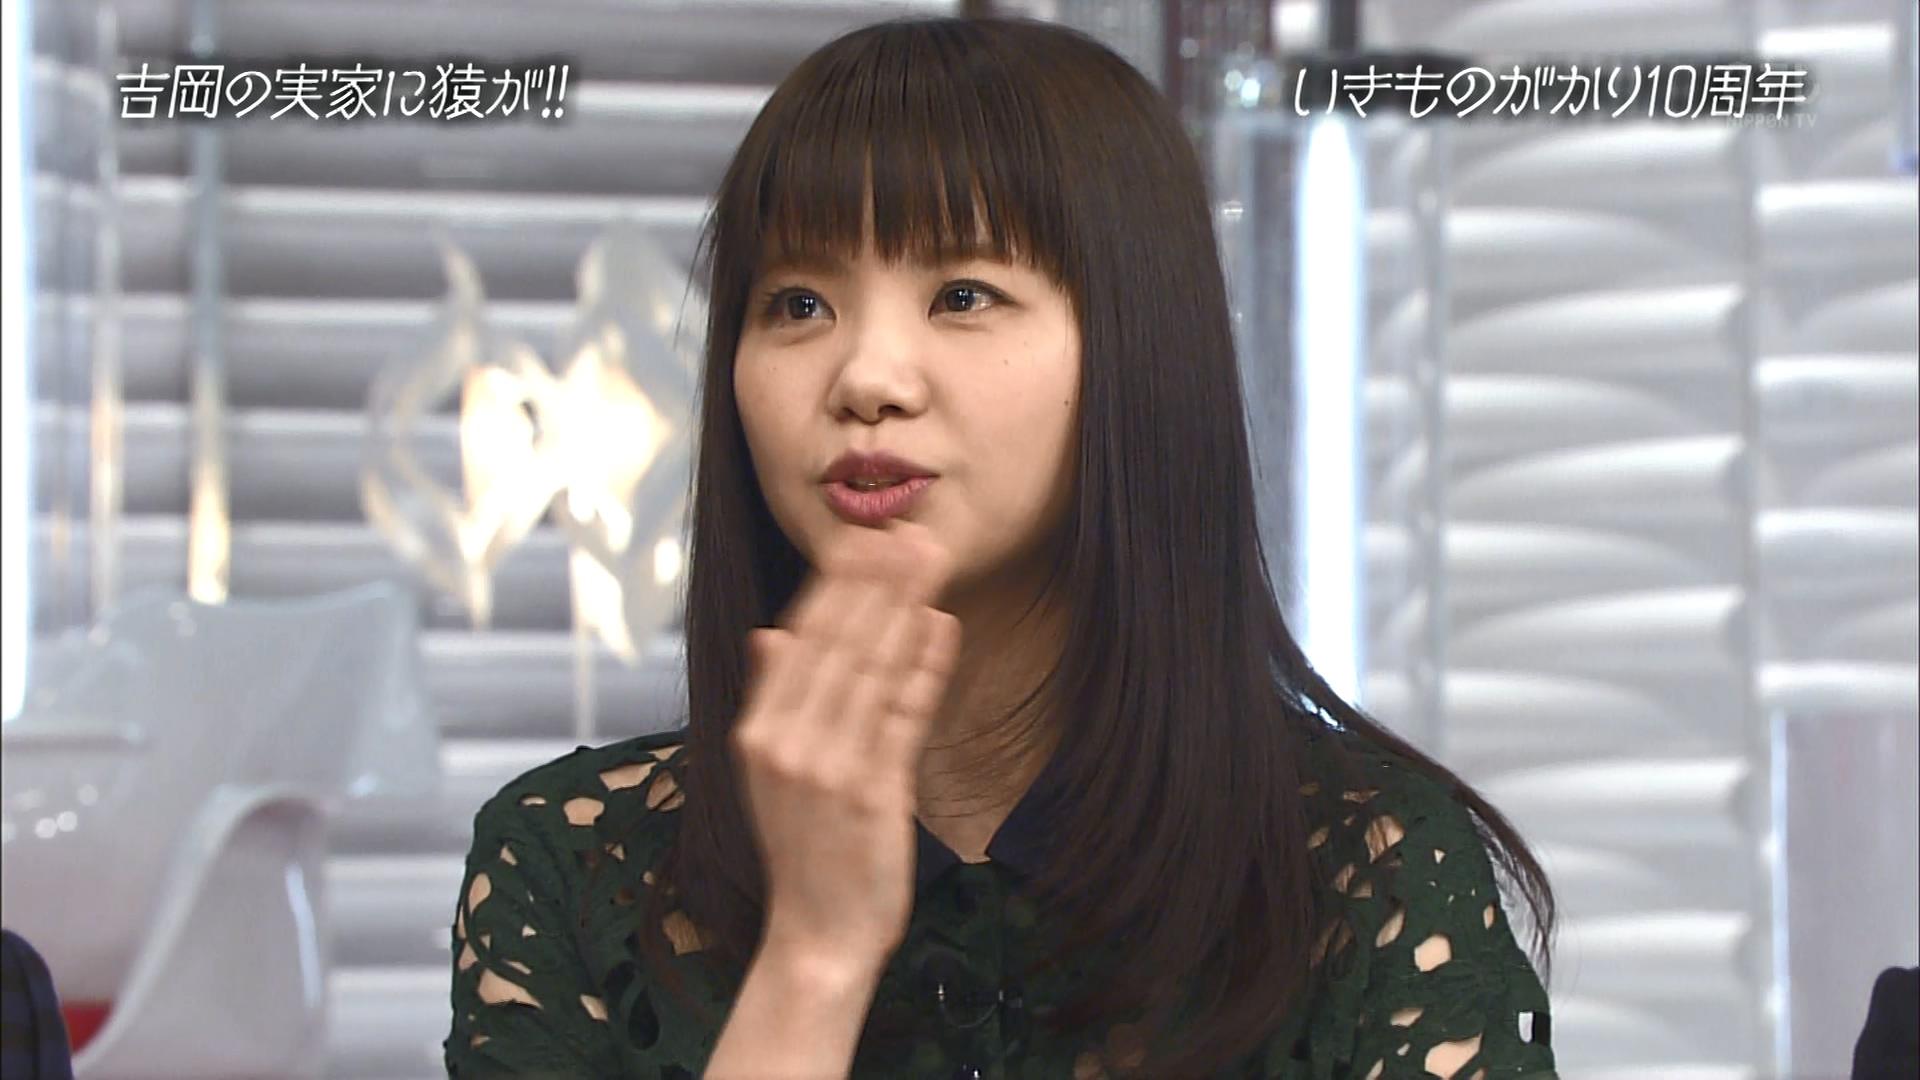 2016.03.13 全場(おしゃれイズム).ts_20160313_230834.199